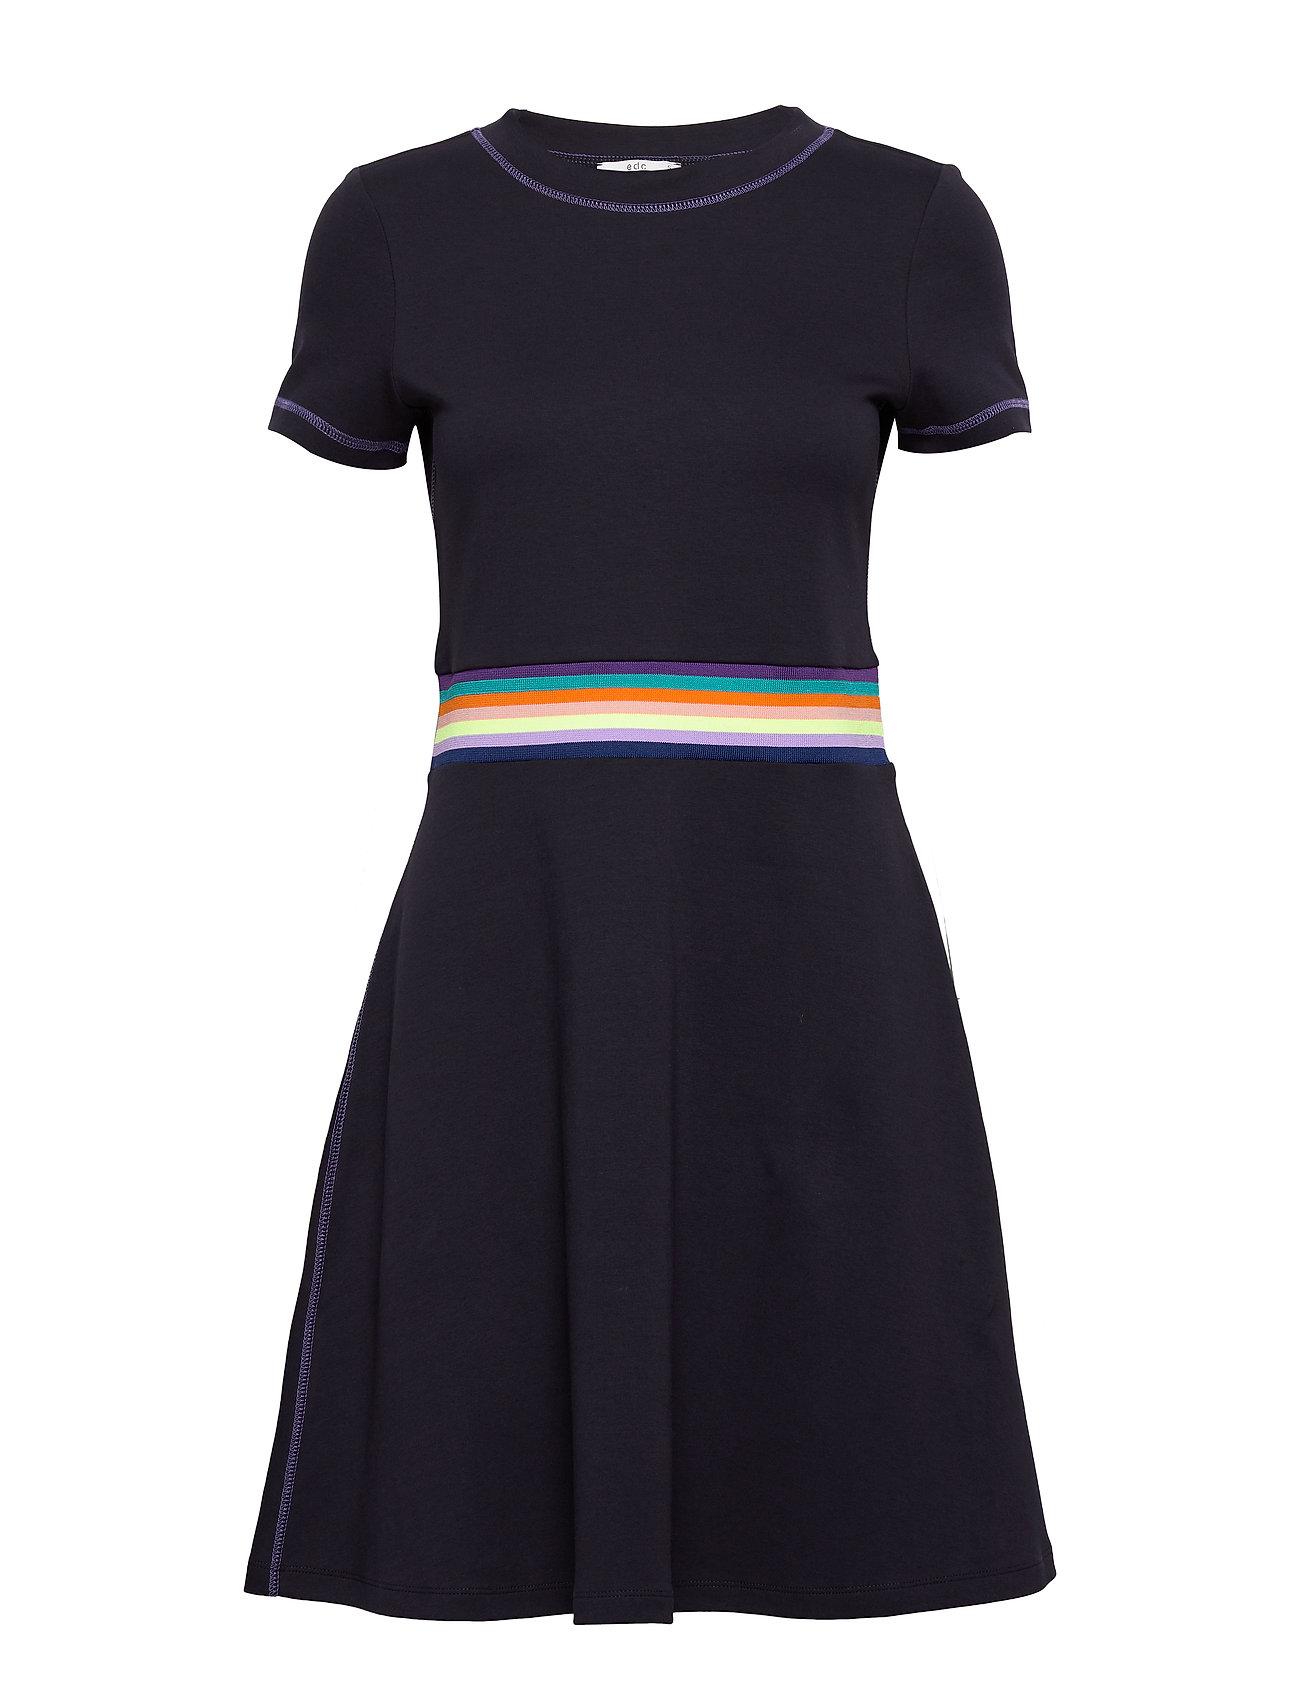 Image of Dresses Knitted Knælang Kjole Blå EDC By Esprit (3335351443)